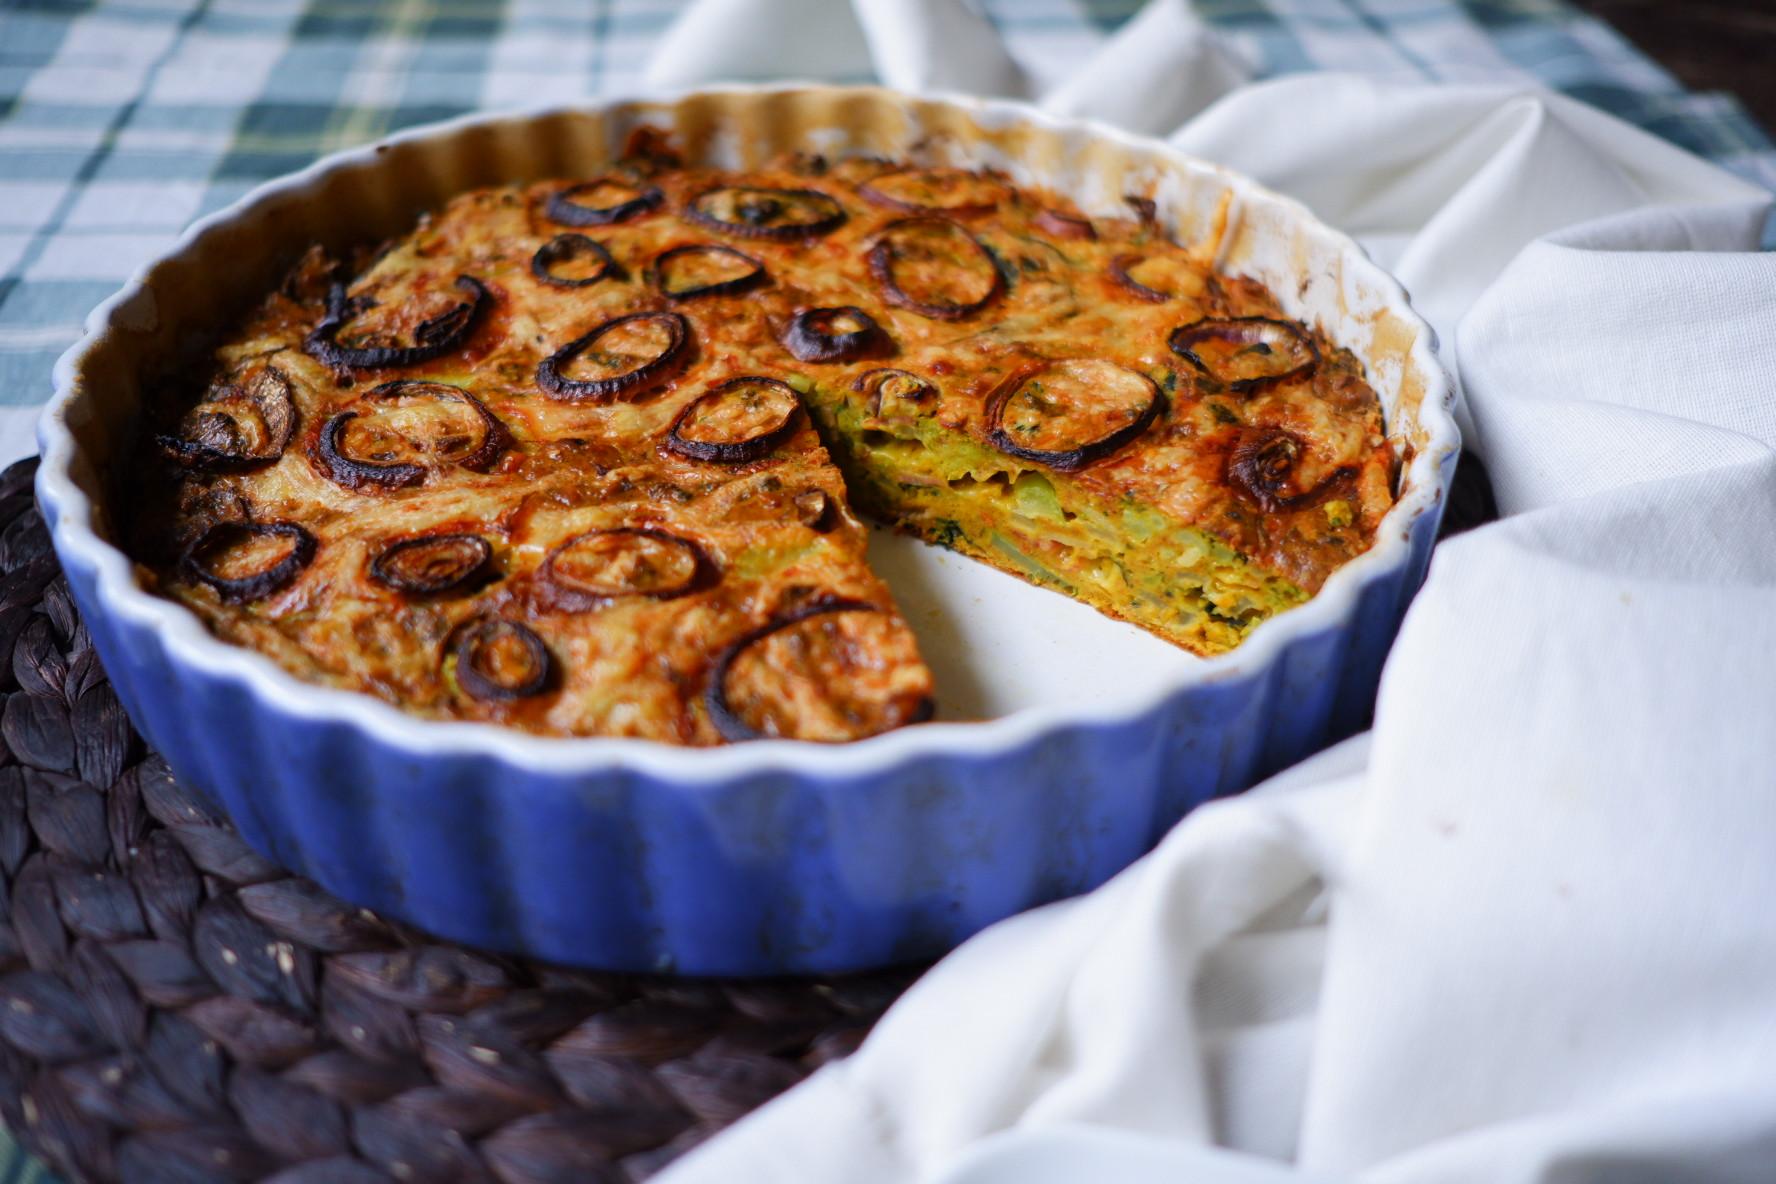 S Klárou v kuchyni: Brokolicový koláč suzeným masem aořechy